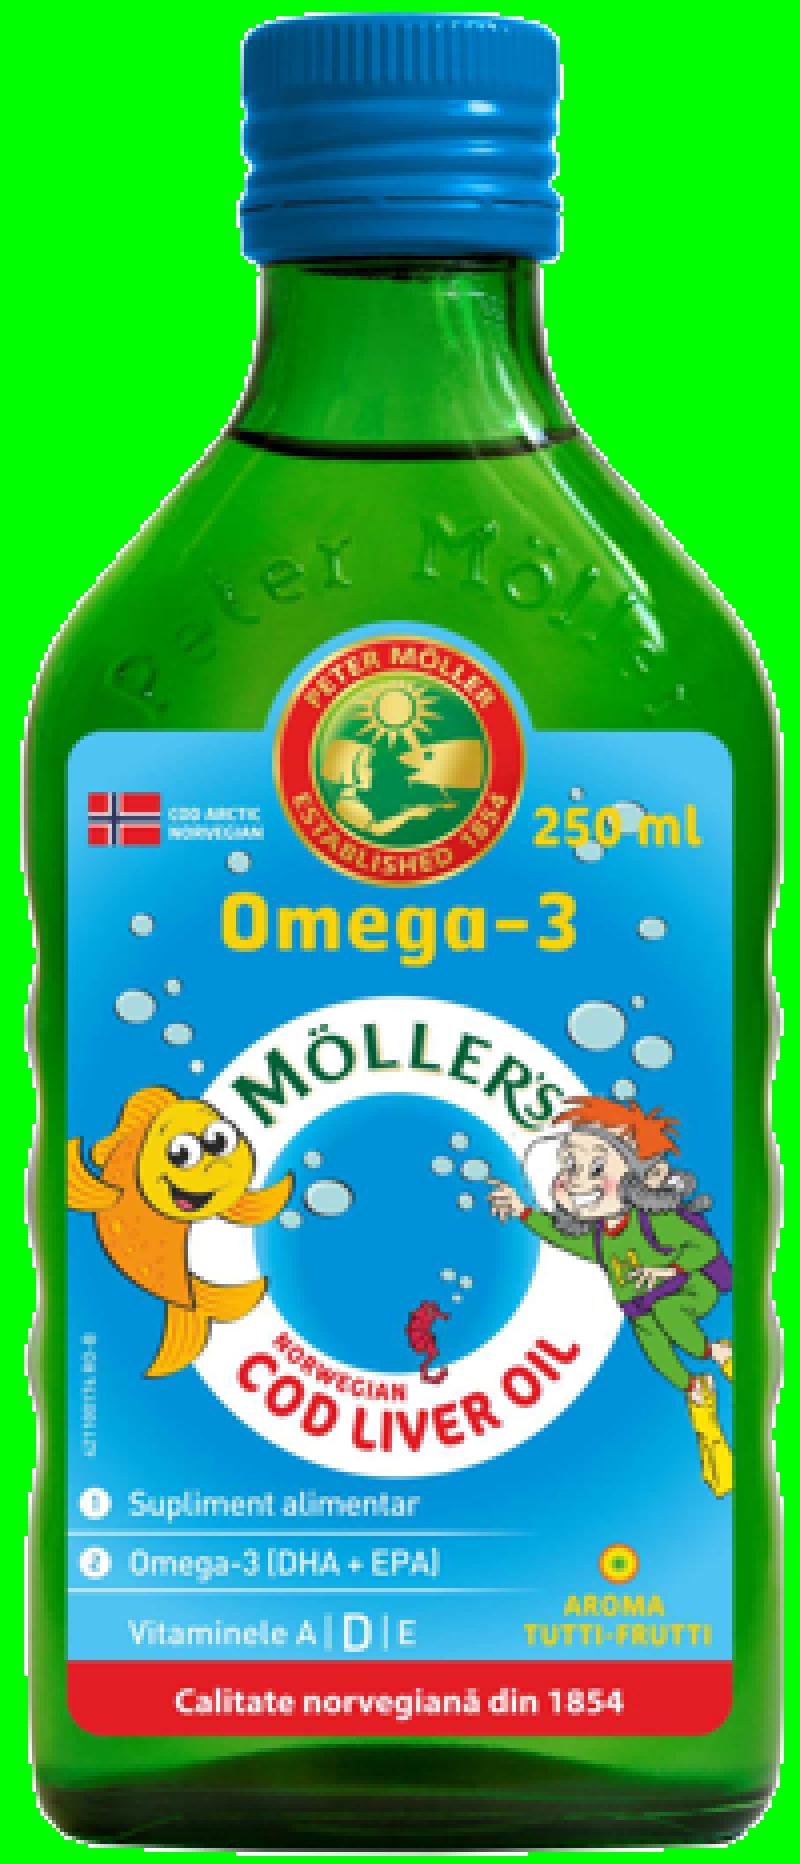 , Mollers Cod Liver Oil Omega 3 Tutti Frutti x 250 ml, Orkla Health AS